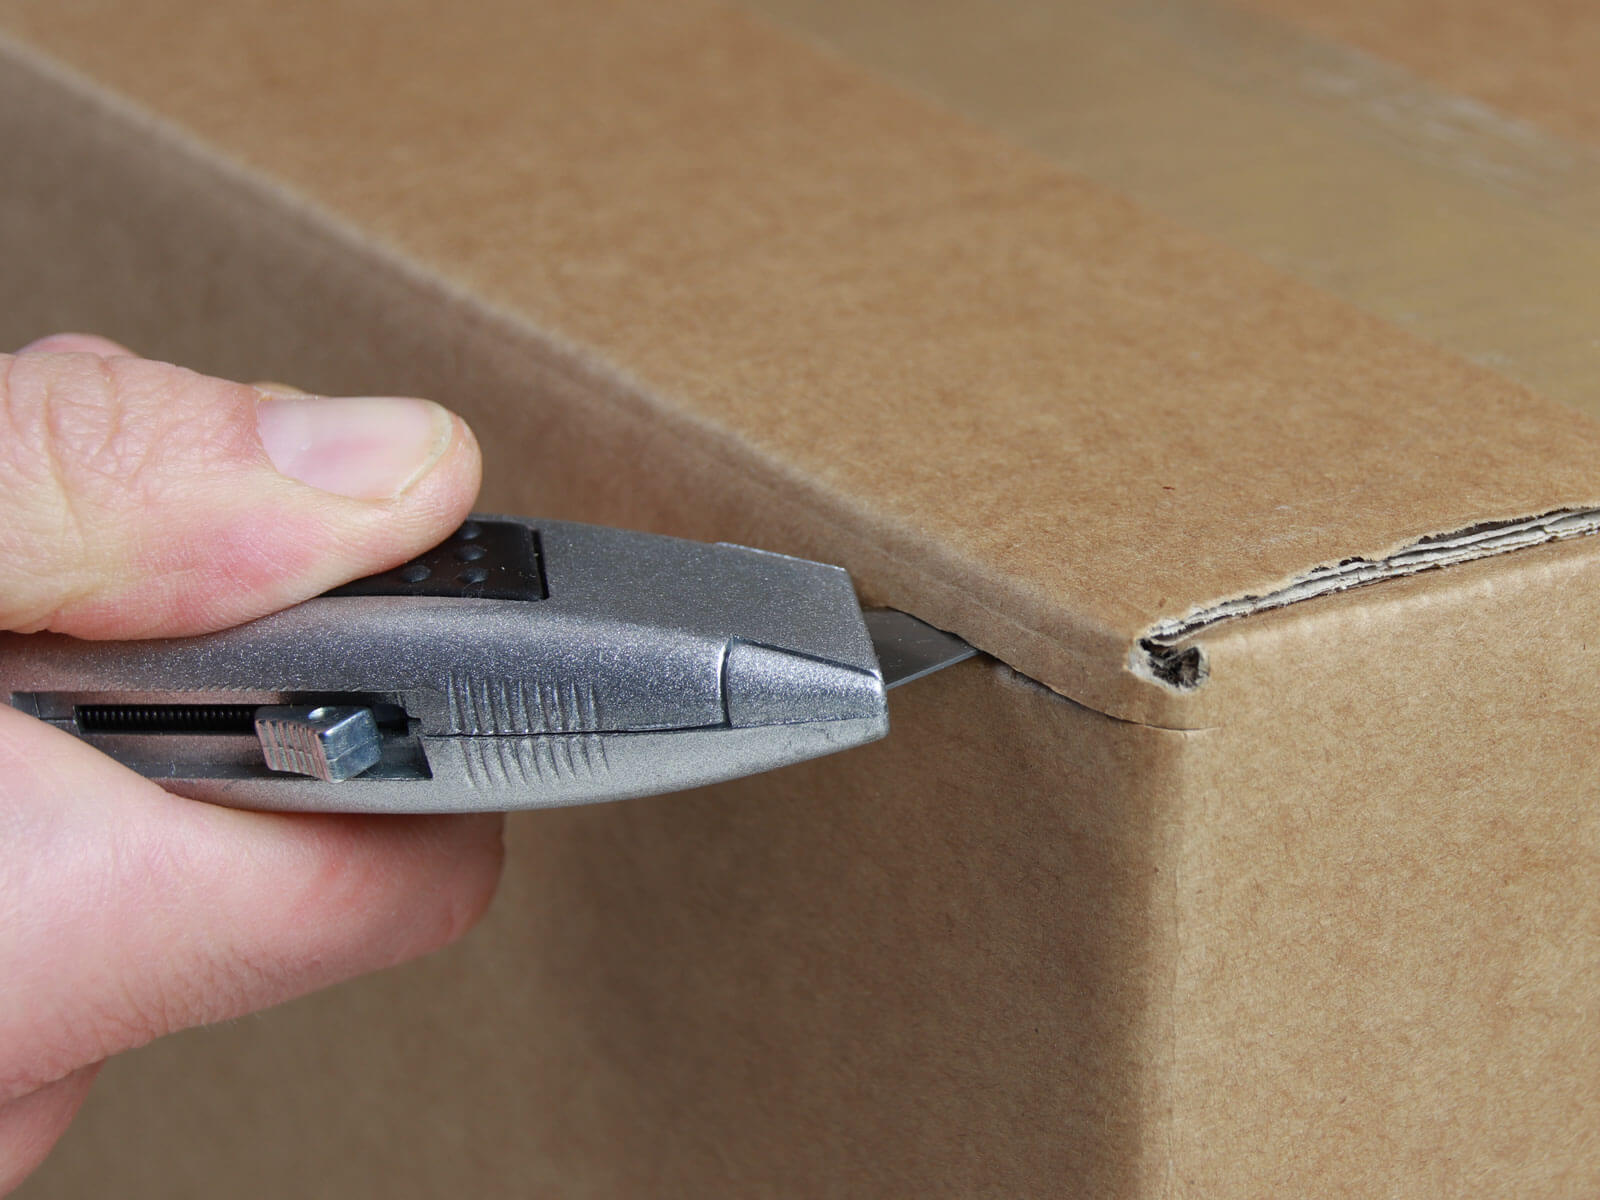 U014 Sicherheitsmesser automatischer Klingenrückzug Karton schneiden abdeckeln CURT-tools